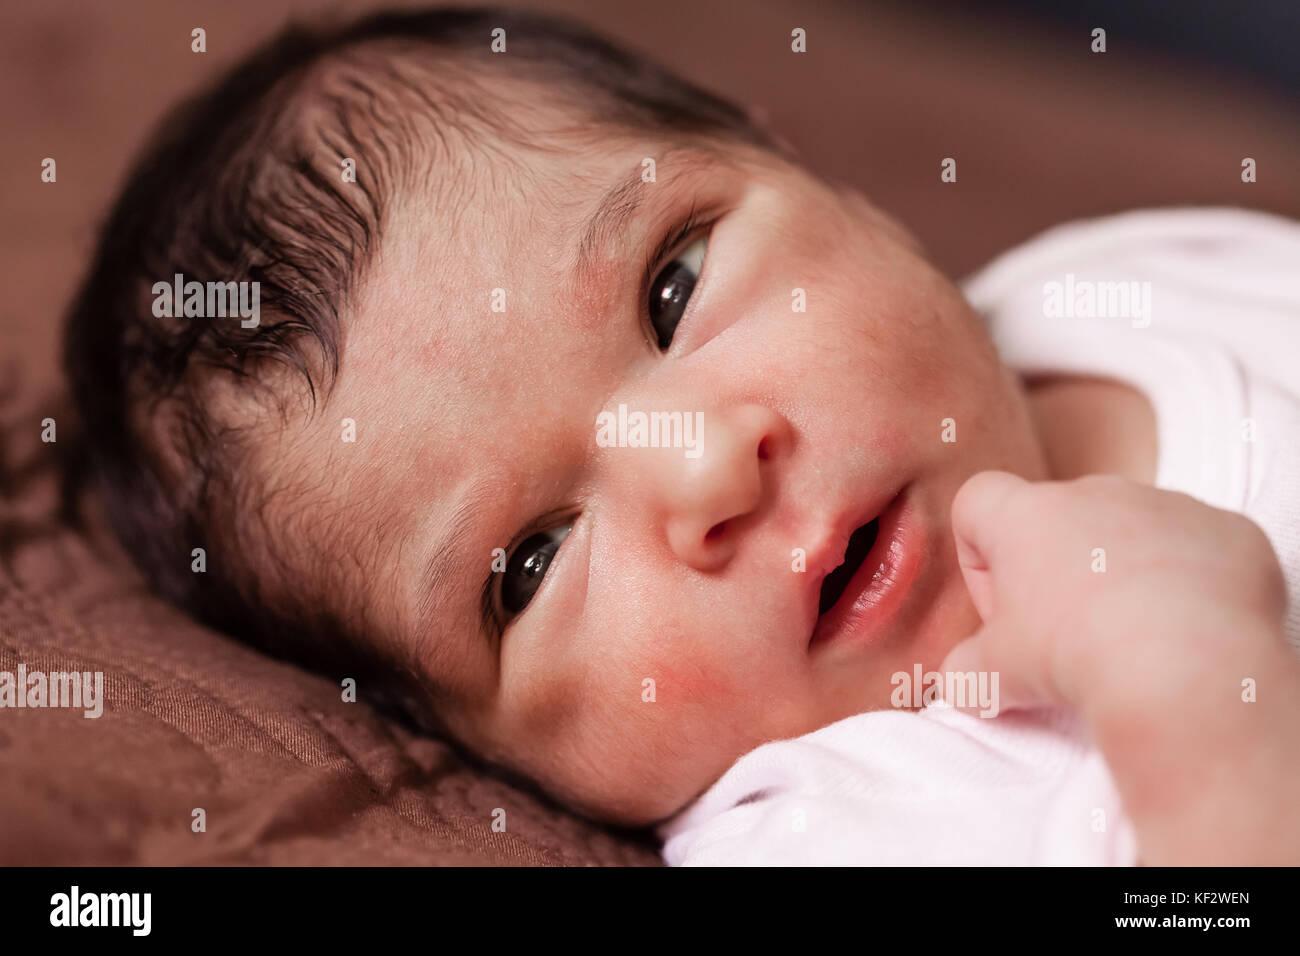 Close Up retrato de un lindo bebé recién nacido dos semanas de edad chica  acostada f2d8c6c81b1